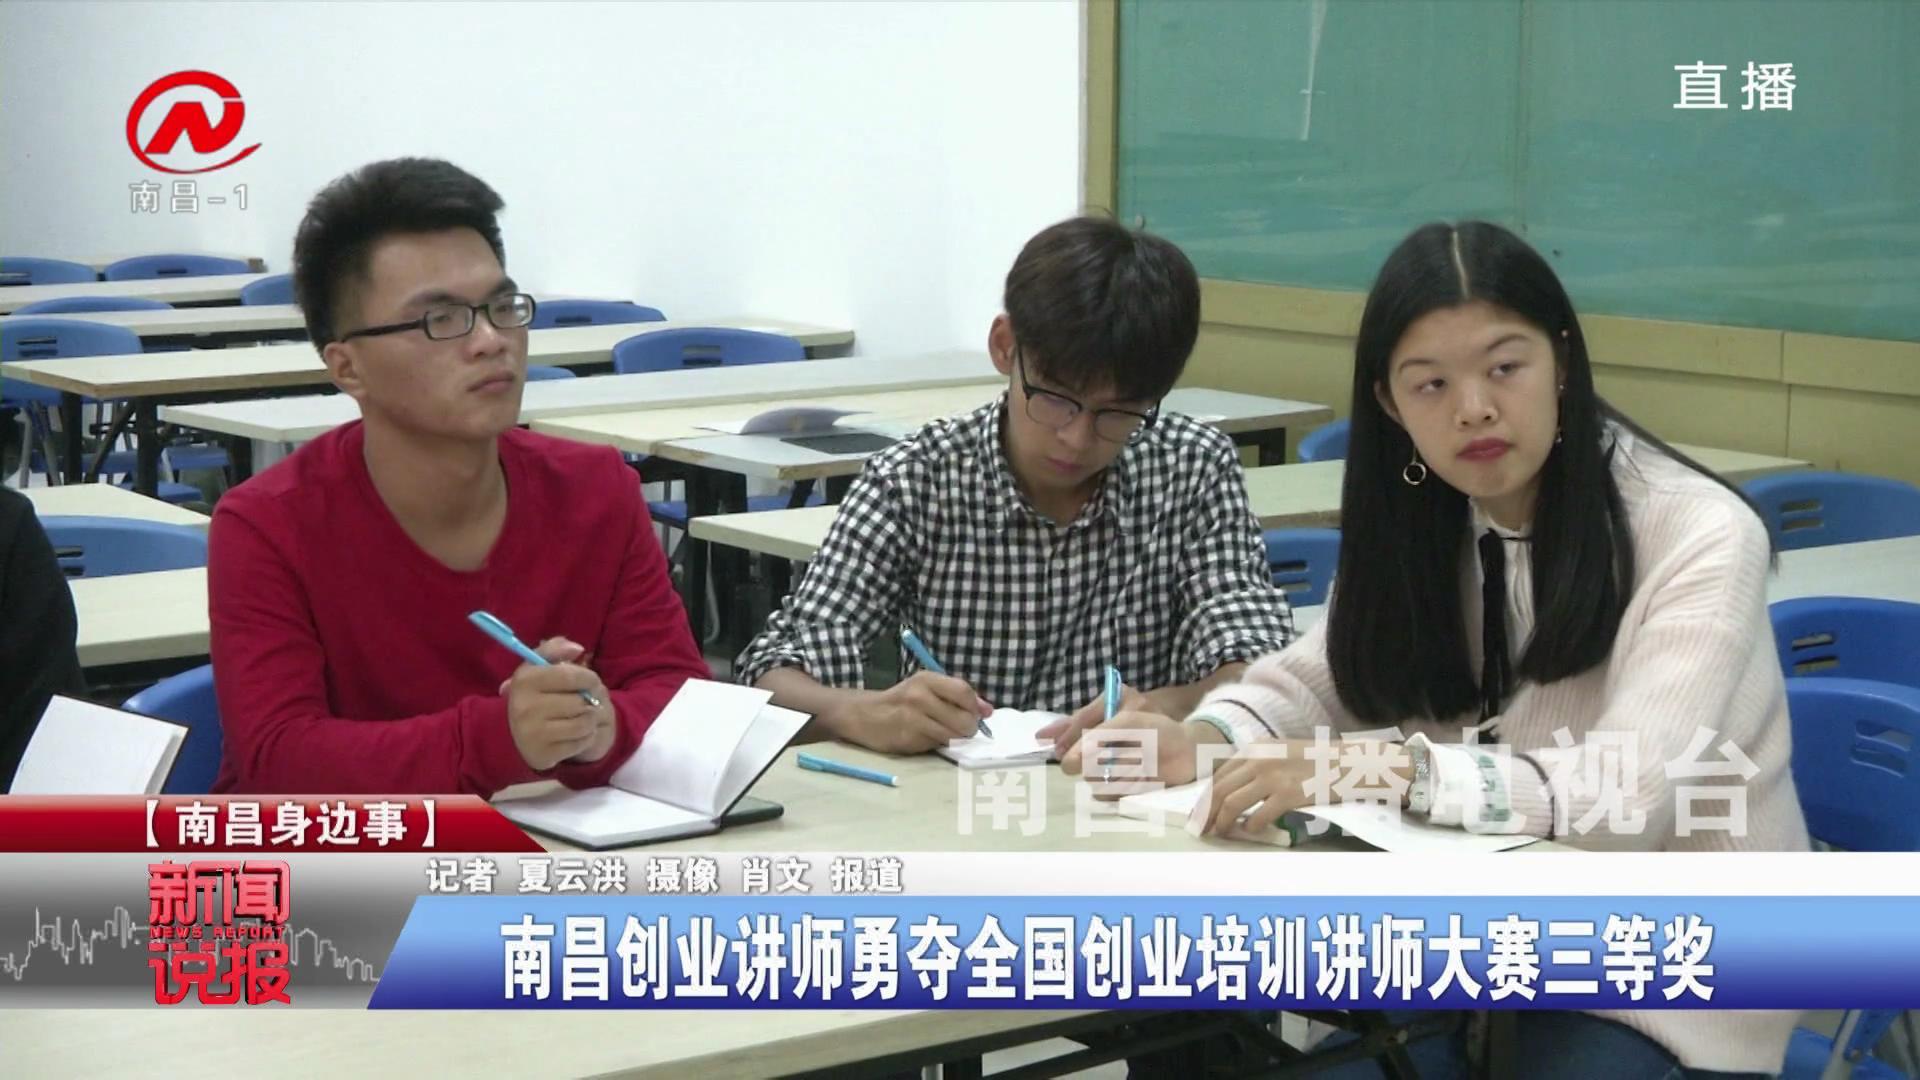 南昌创业讲师勇夺全国创业培训讲师大赛三等奖